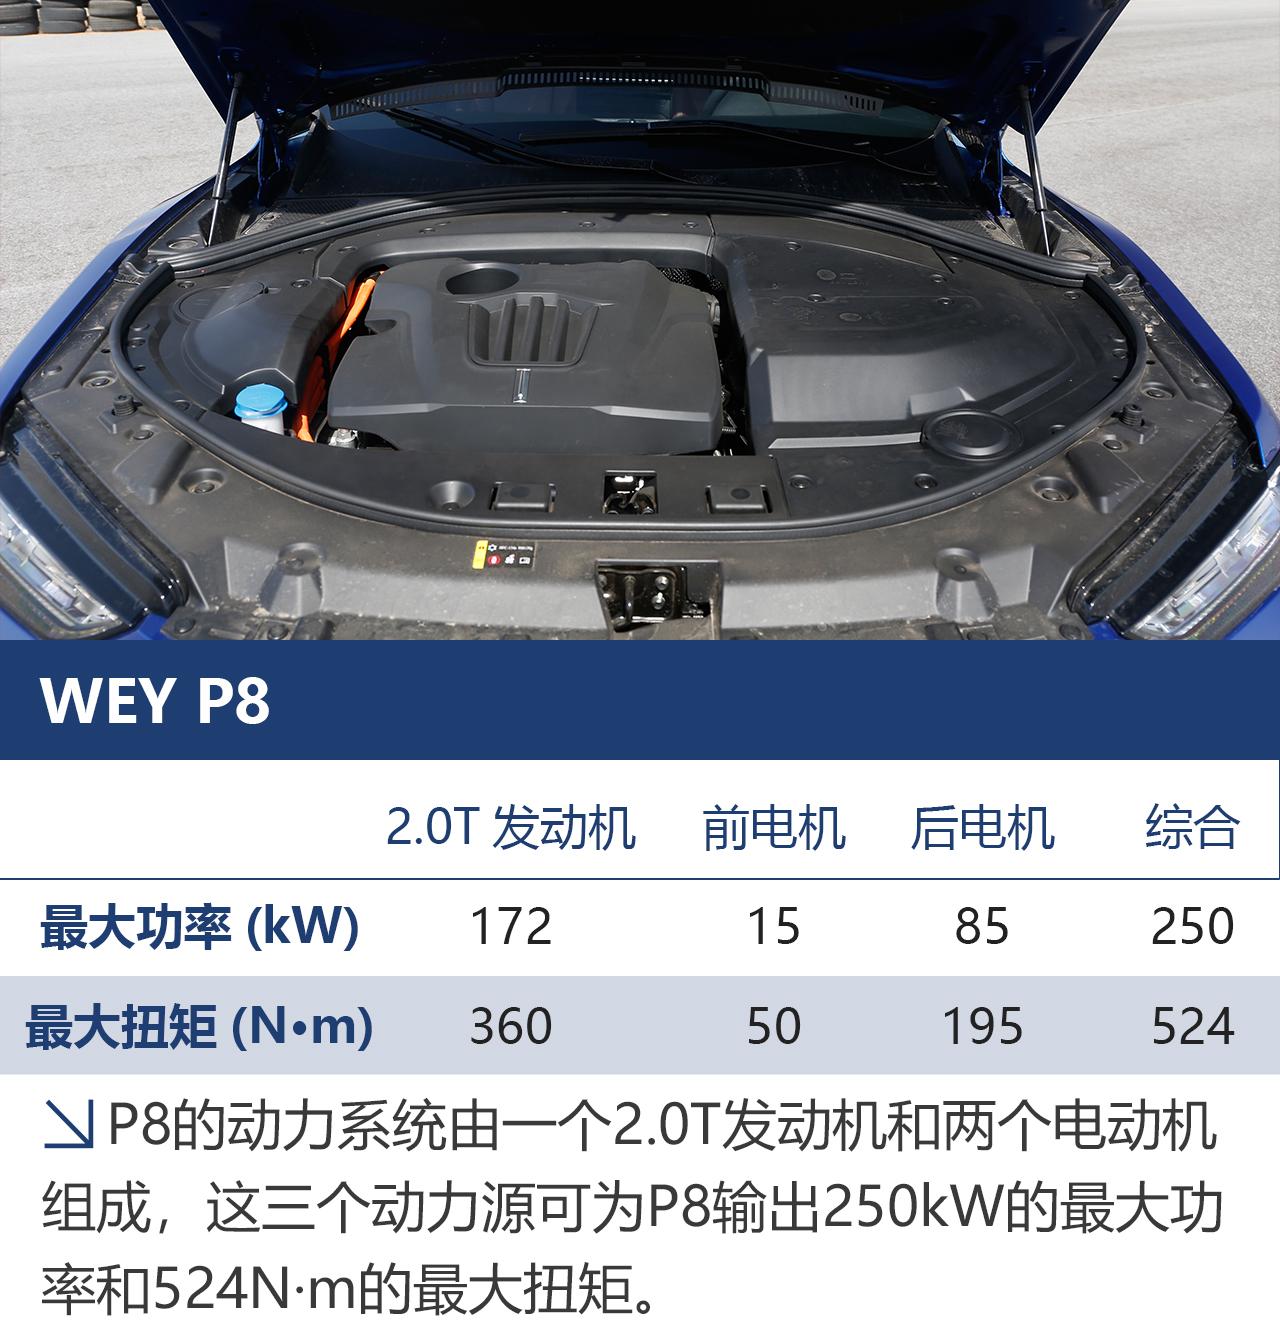 插电混动新势力 WEY P8场地试驾